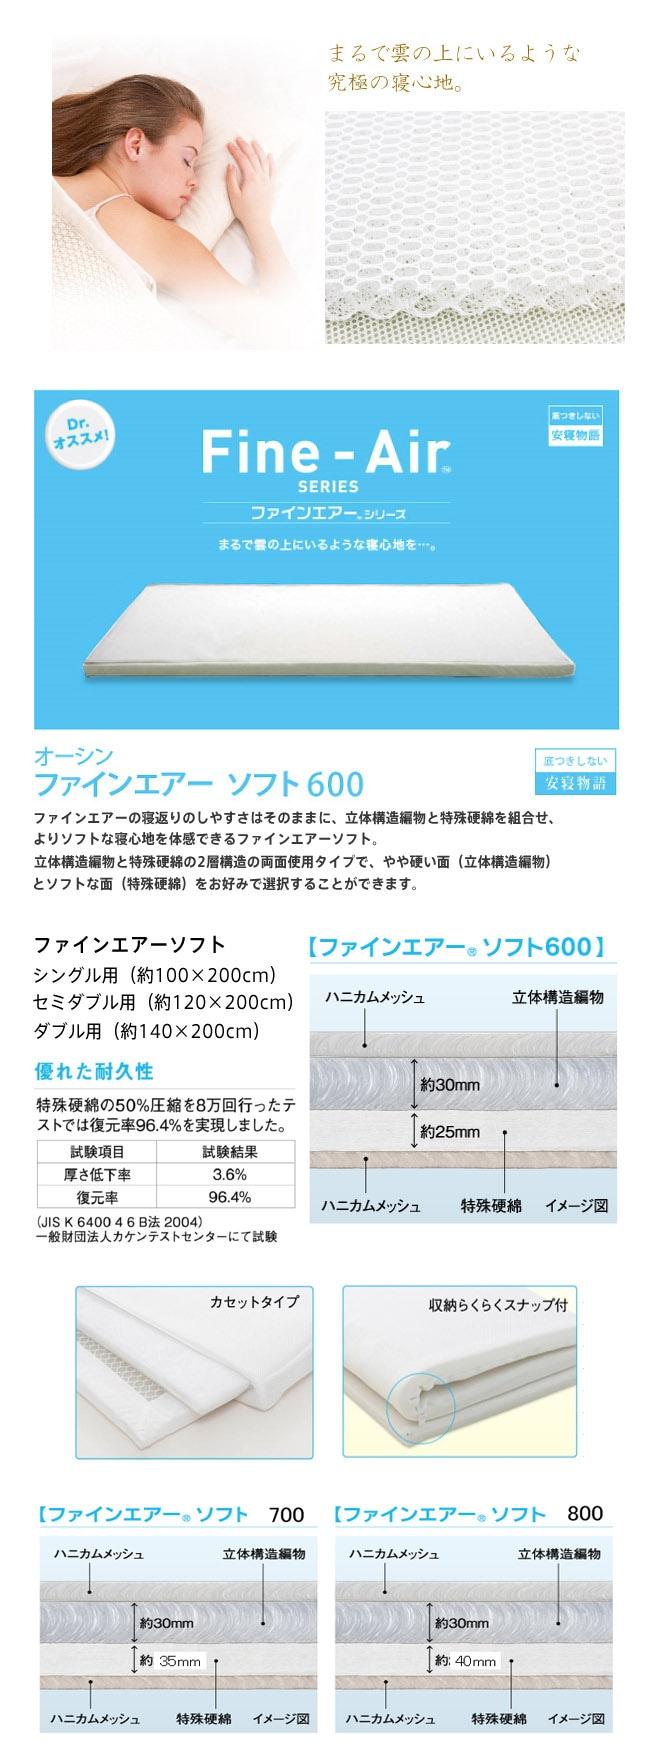 ファイエアーの寝返りのしやすさはそのままに、立体構造編物と特殊硬綿を組合せ、よりソフト寝心地を体感できるファインエアーソフト。やや硬い面とソフトな面をお好みで選択できます。